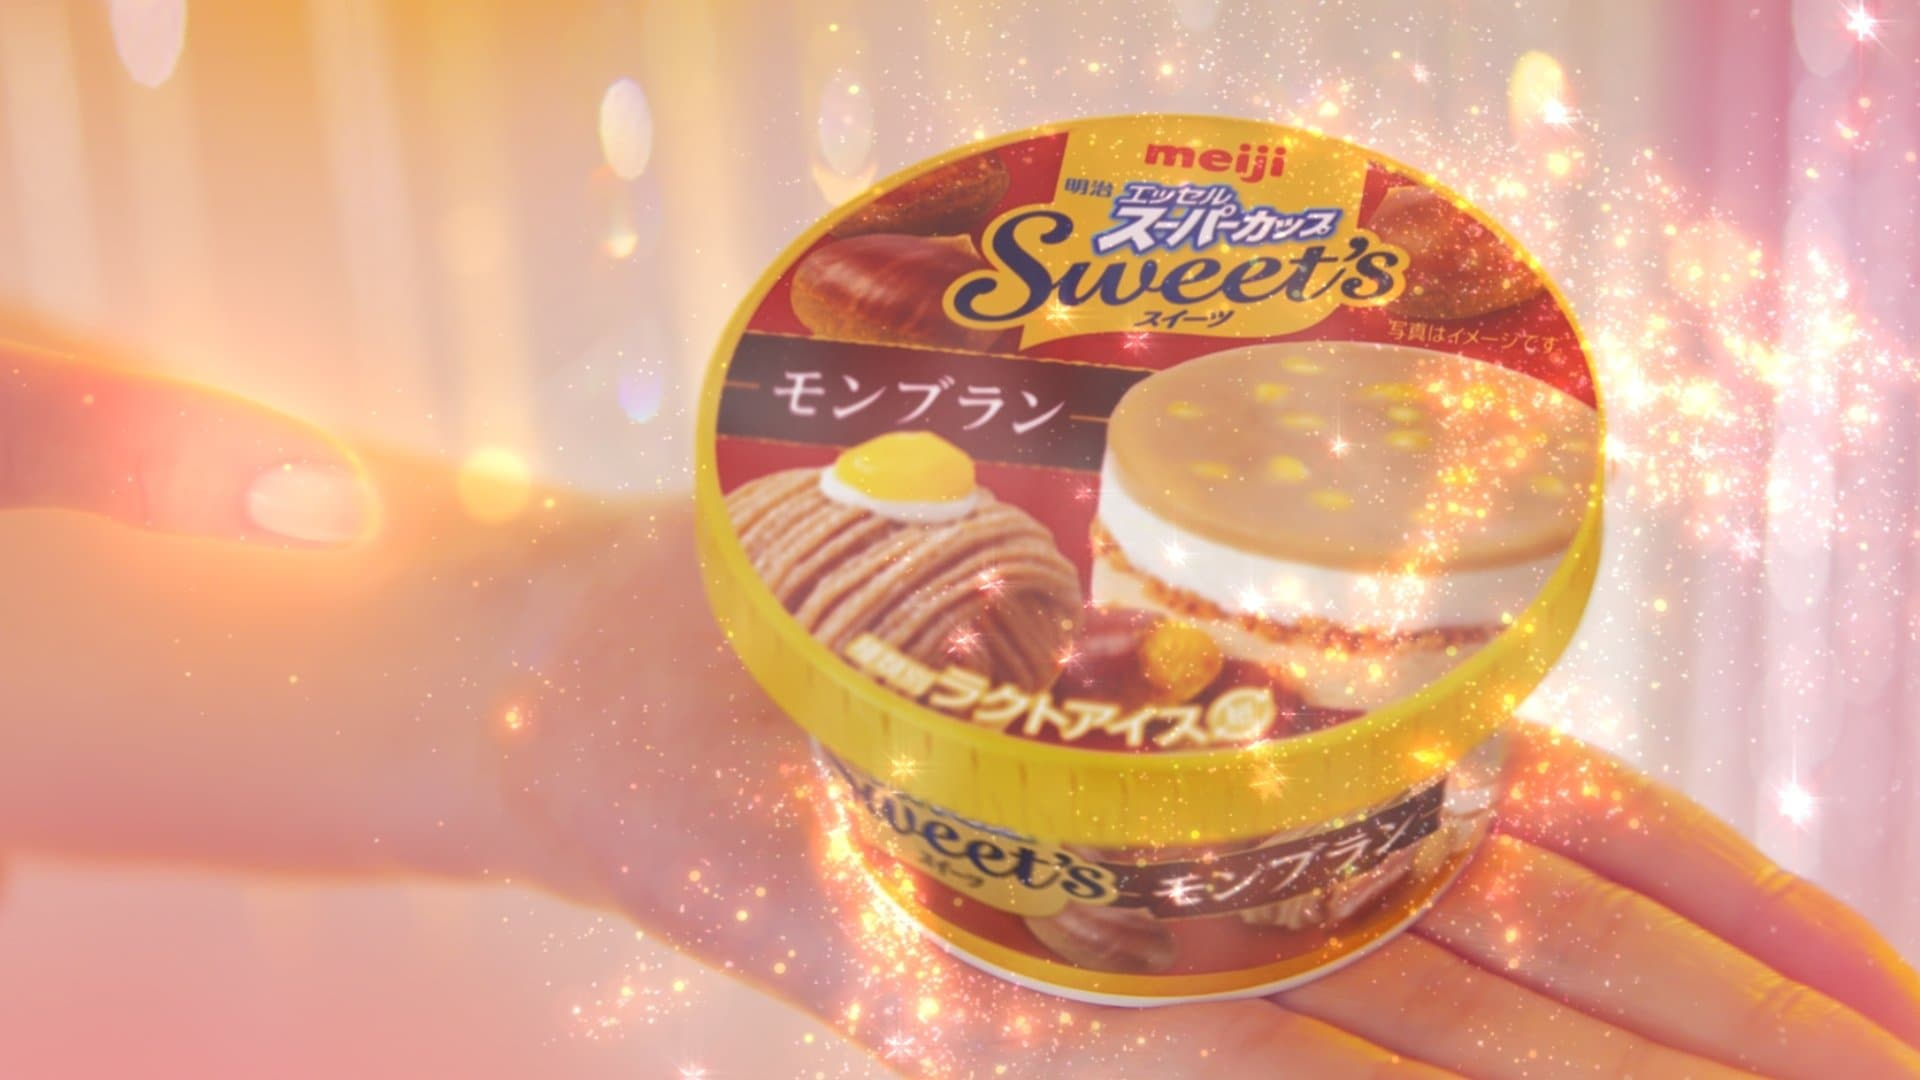 乃木坂46出演「「明治エッセルスーパーカップSweet's」新CMが放送開始!の画像005